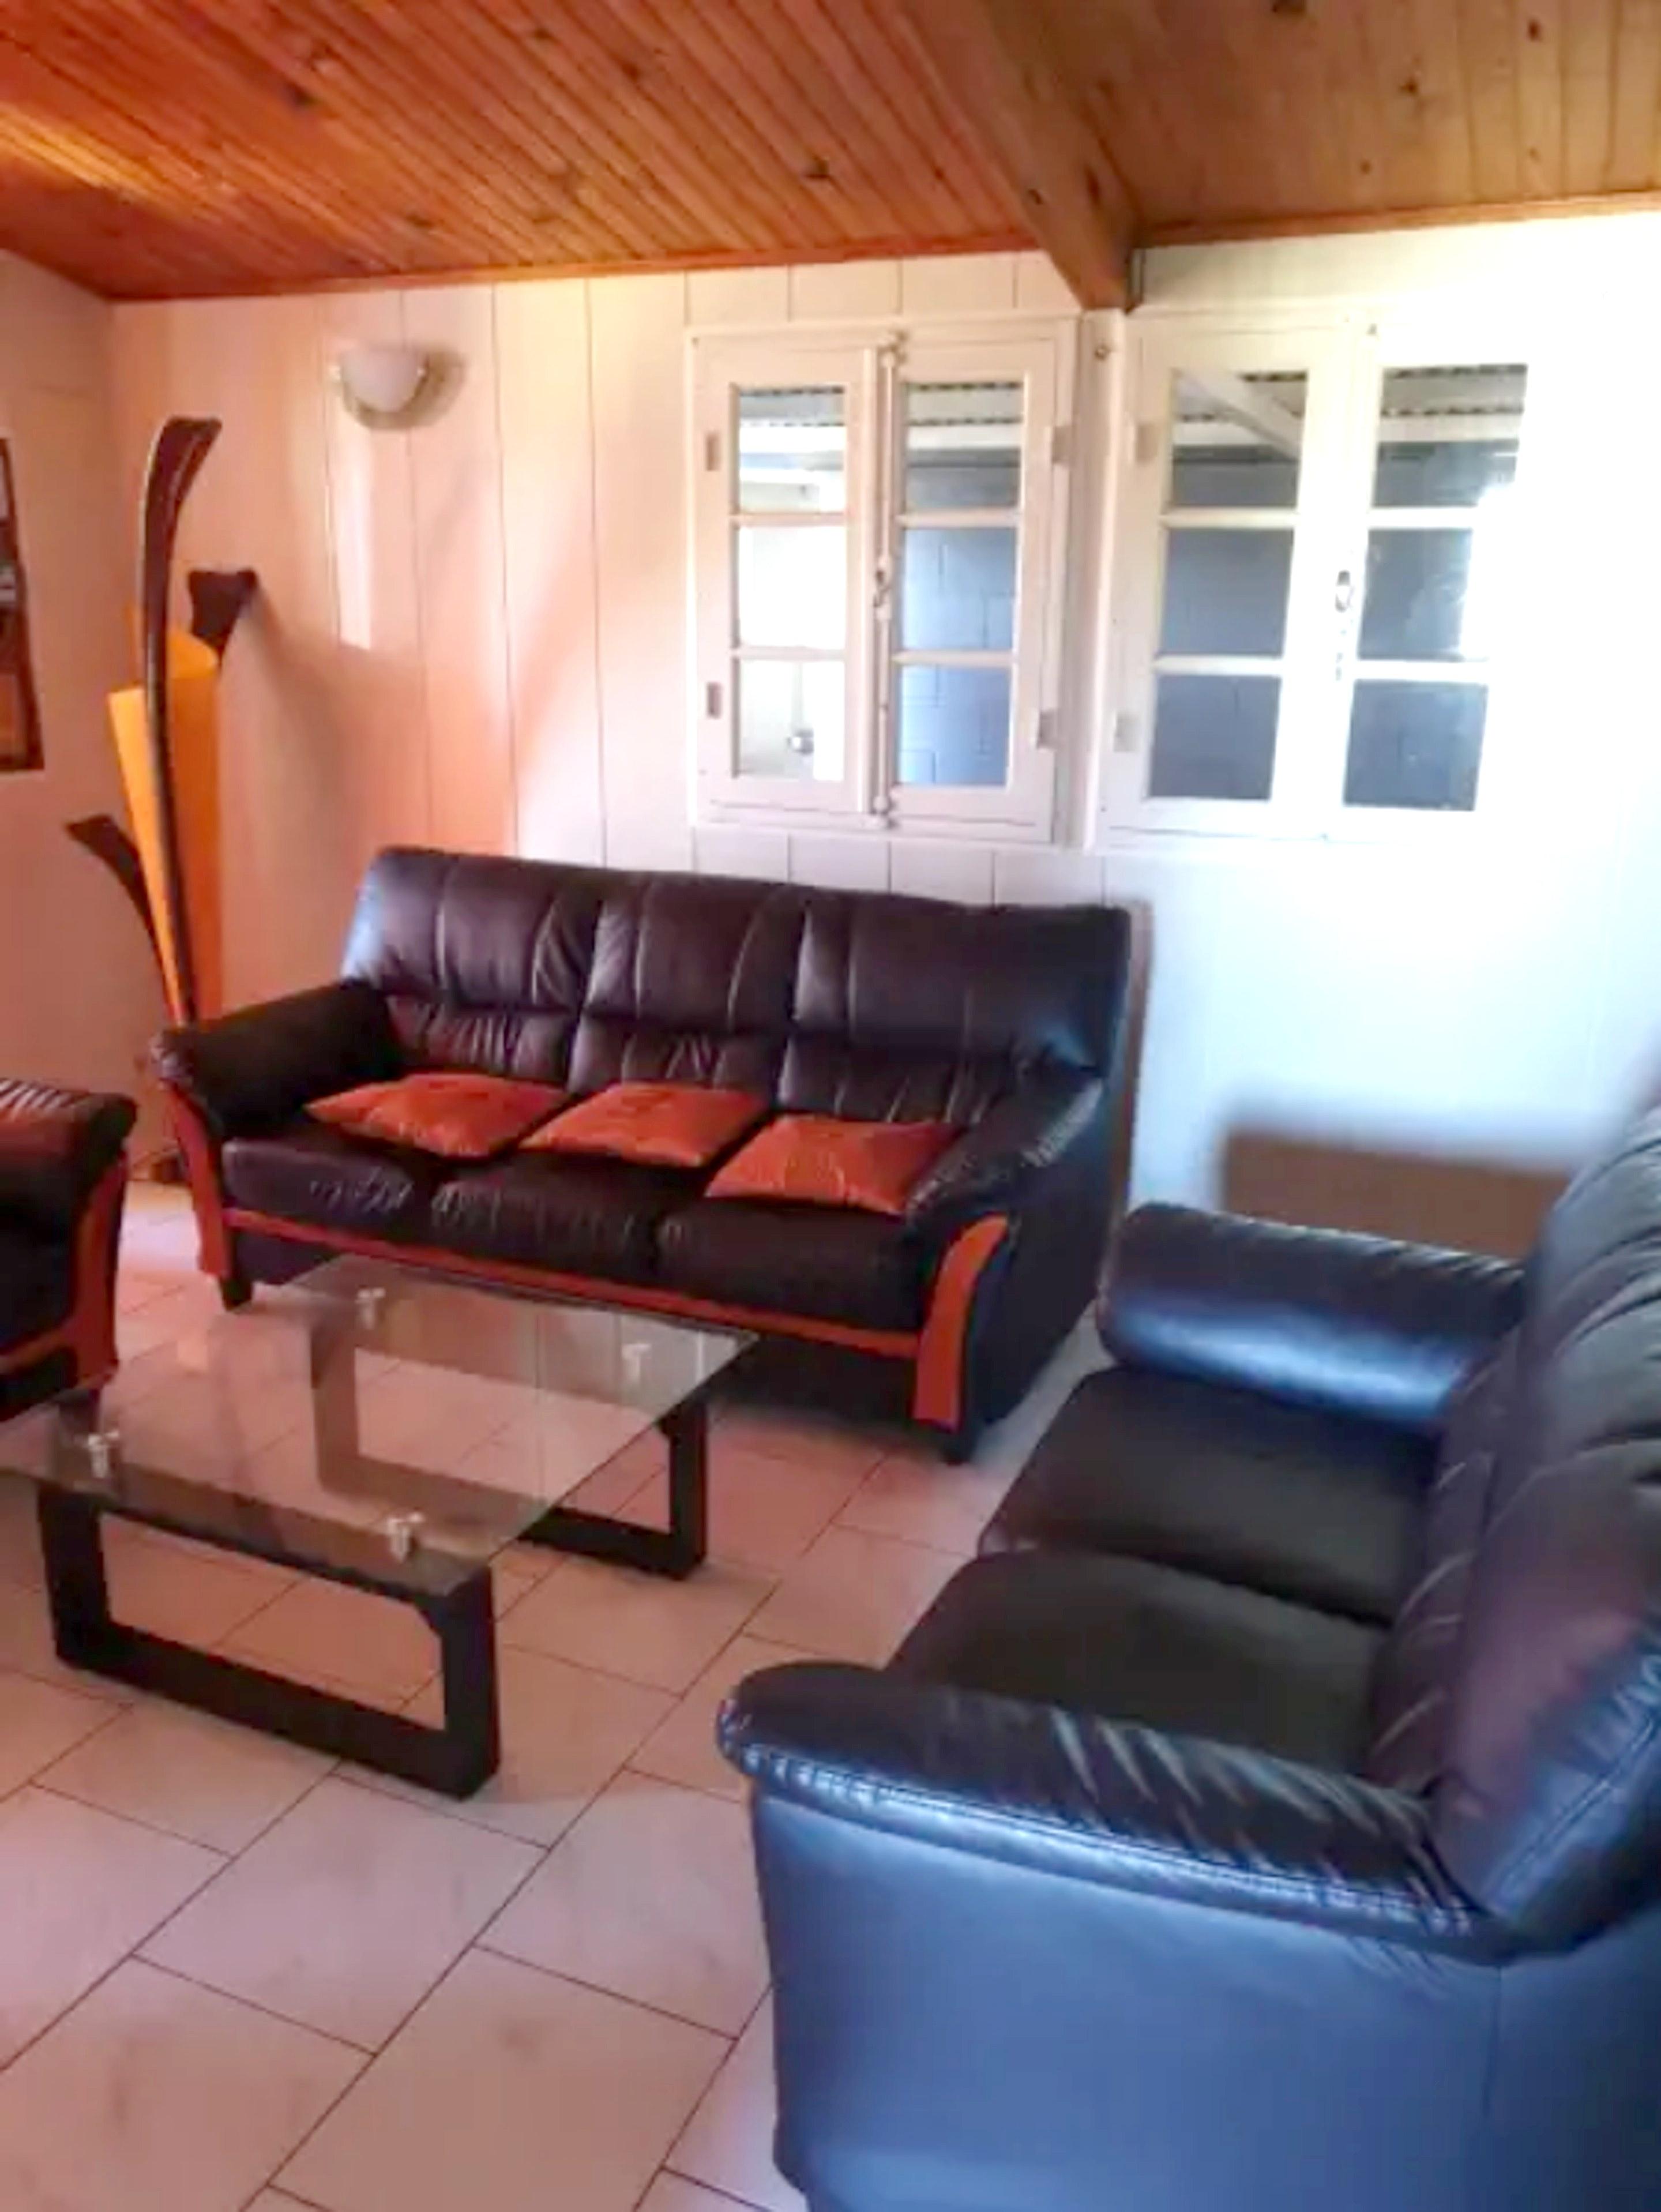 Haus mit 3 Schlafzimmern in La Plaine des Cafres m Ferienhaus in Afrika